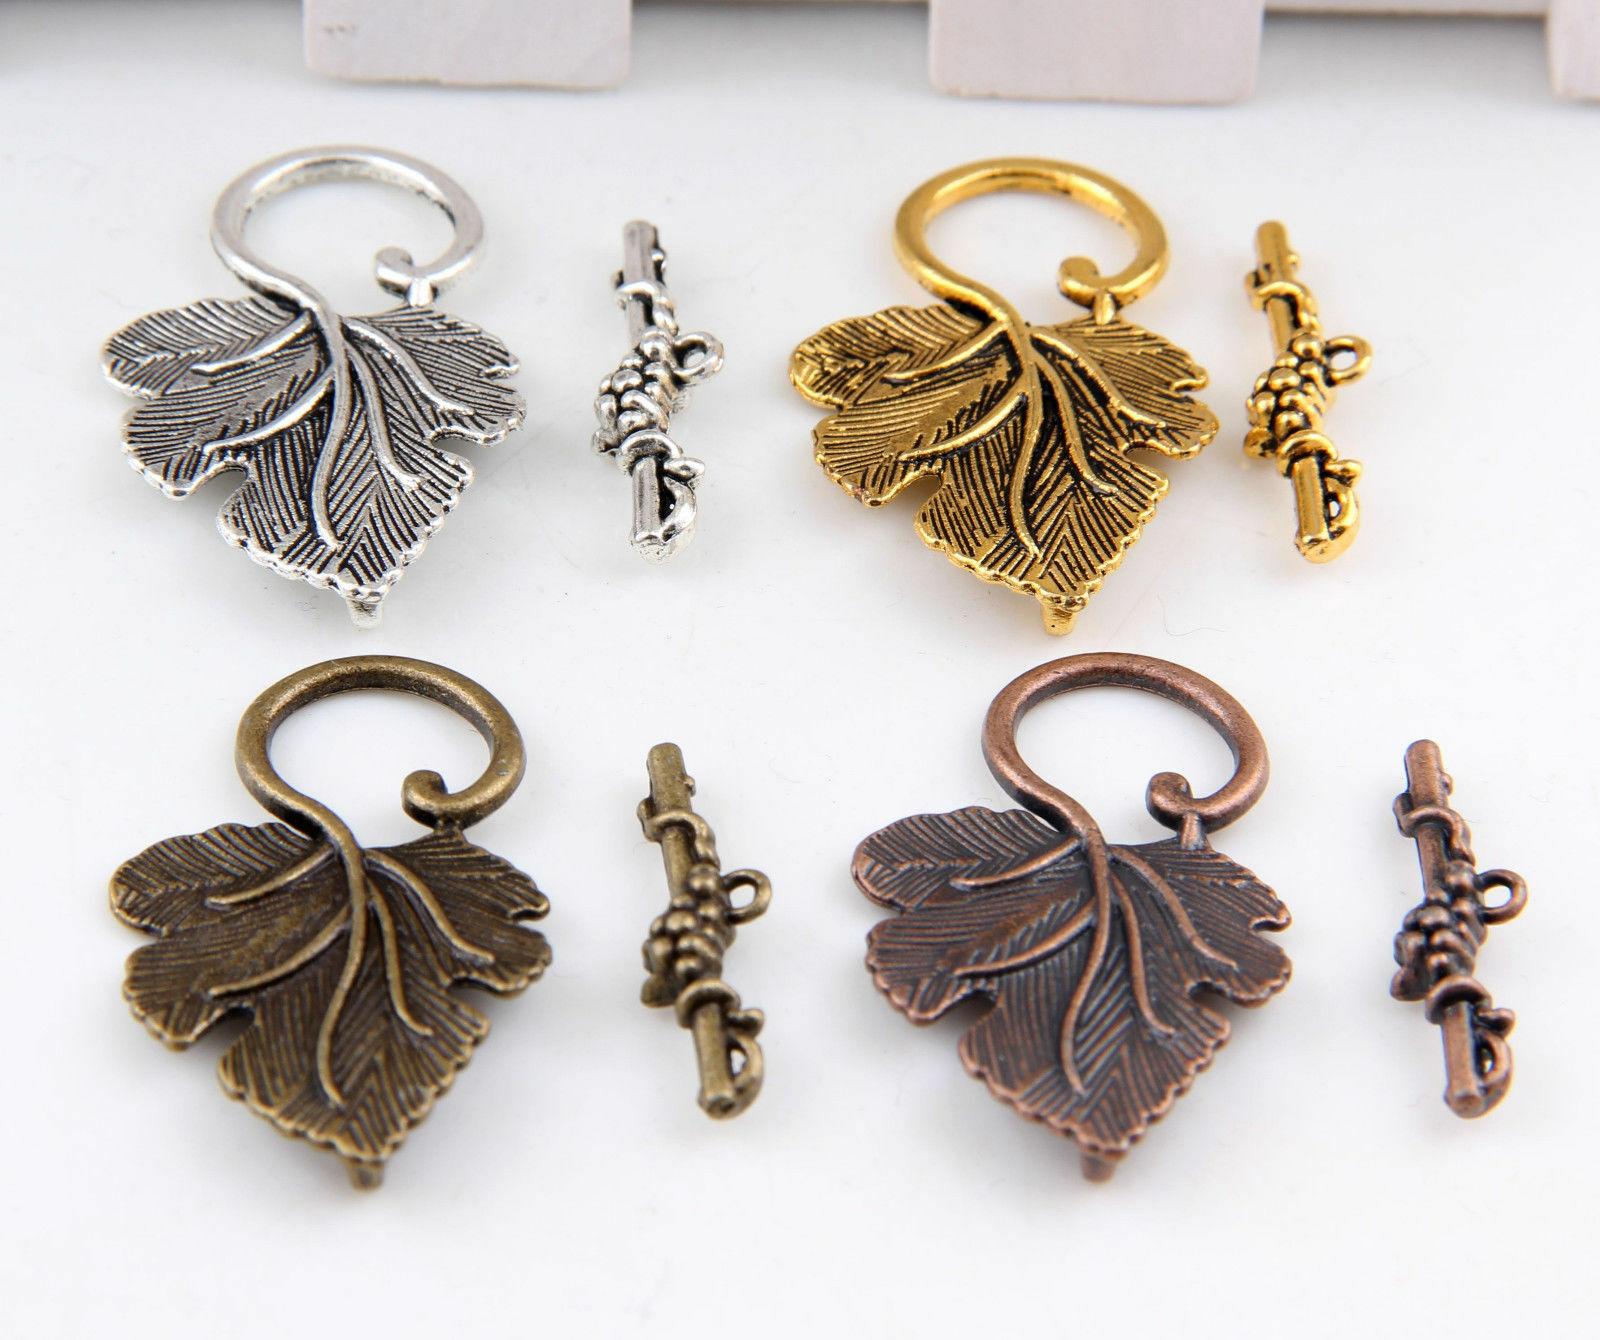 10 шт., зажимы-коннекторы для изготовления ювелирных изделий в форме листьев винограда, для самостоятельного изготовления браслетов, ожерел...